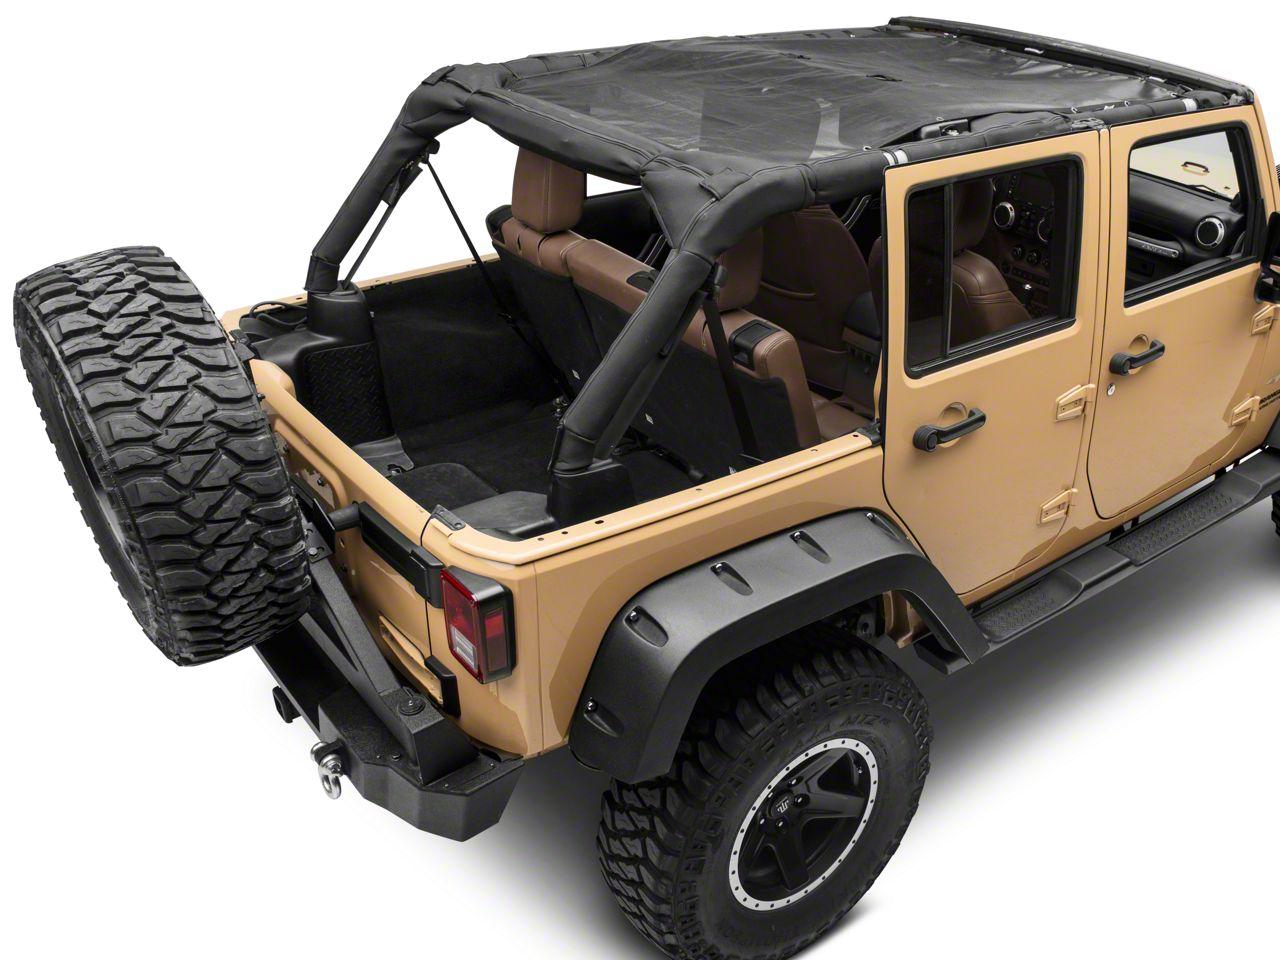 Smittybilt Cloak Extended Mesh Top - Black (07-18 Jeep Wrangler JK 4 Door)